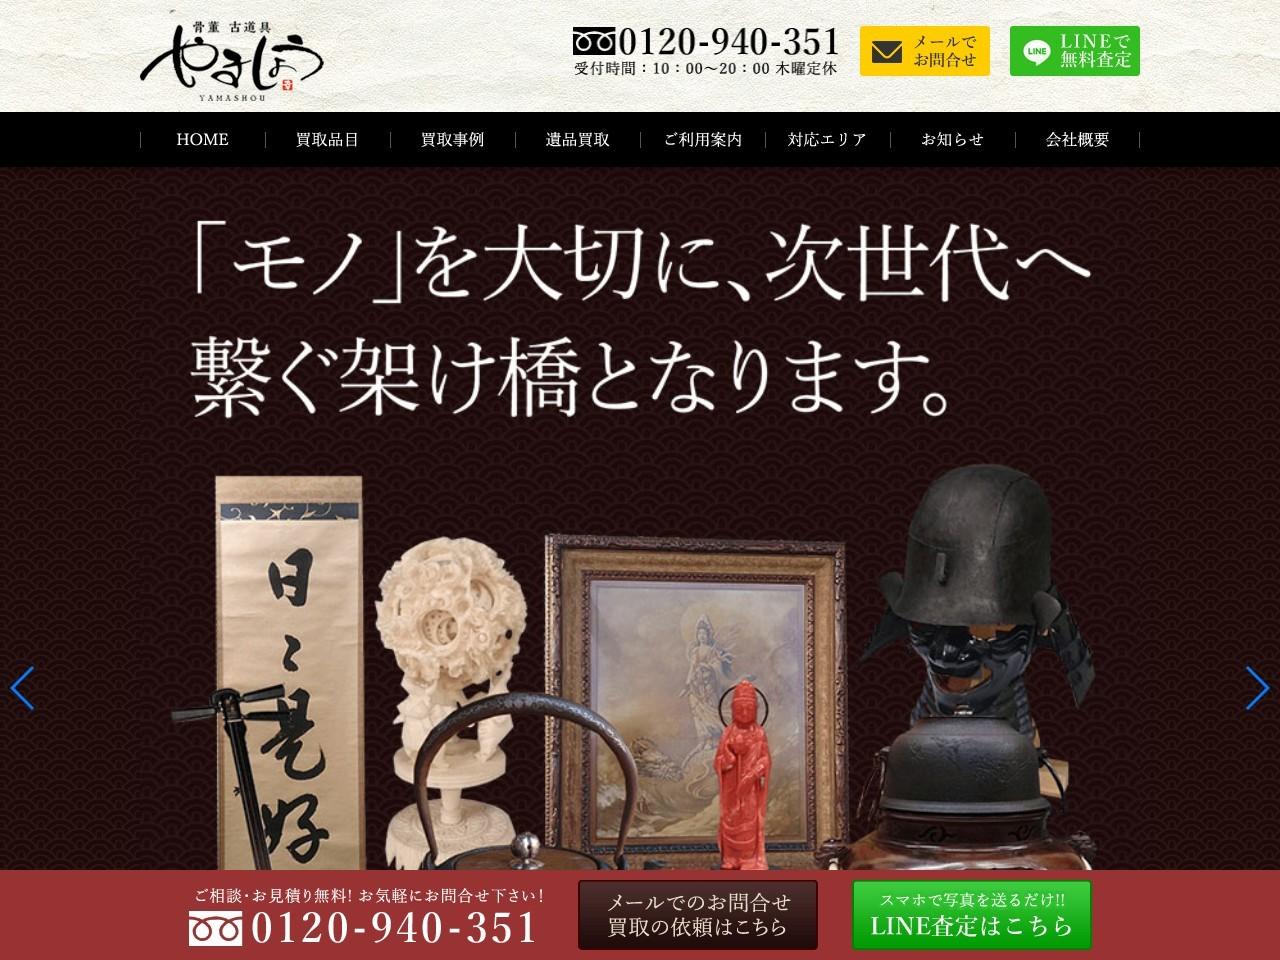 骨董品・古美術品買取、古道具の出張買取り|やましょう